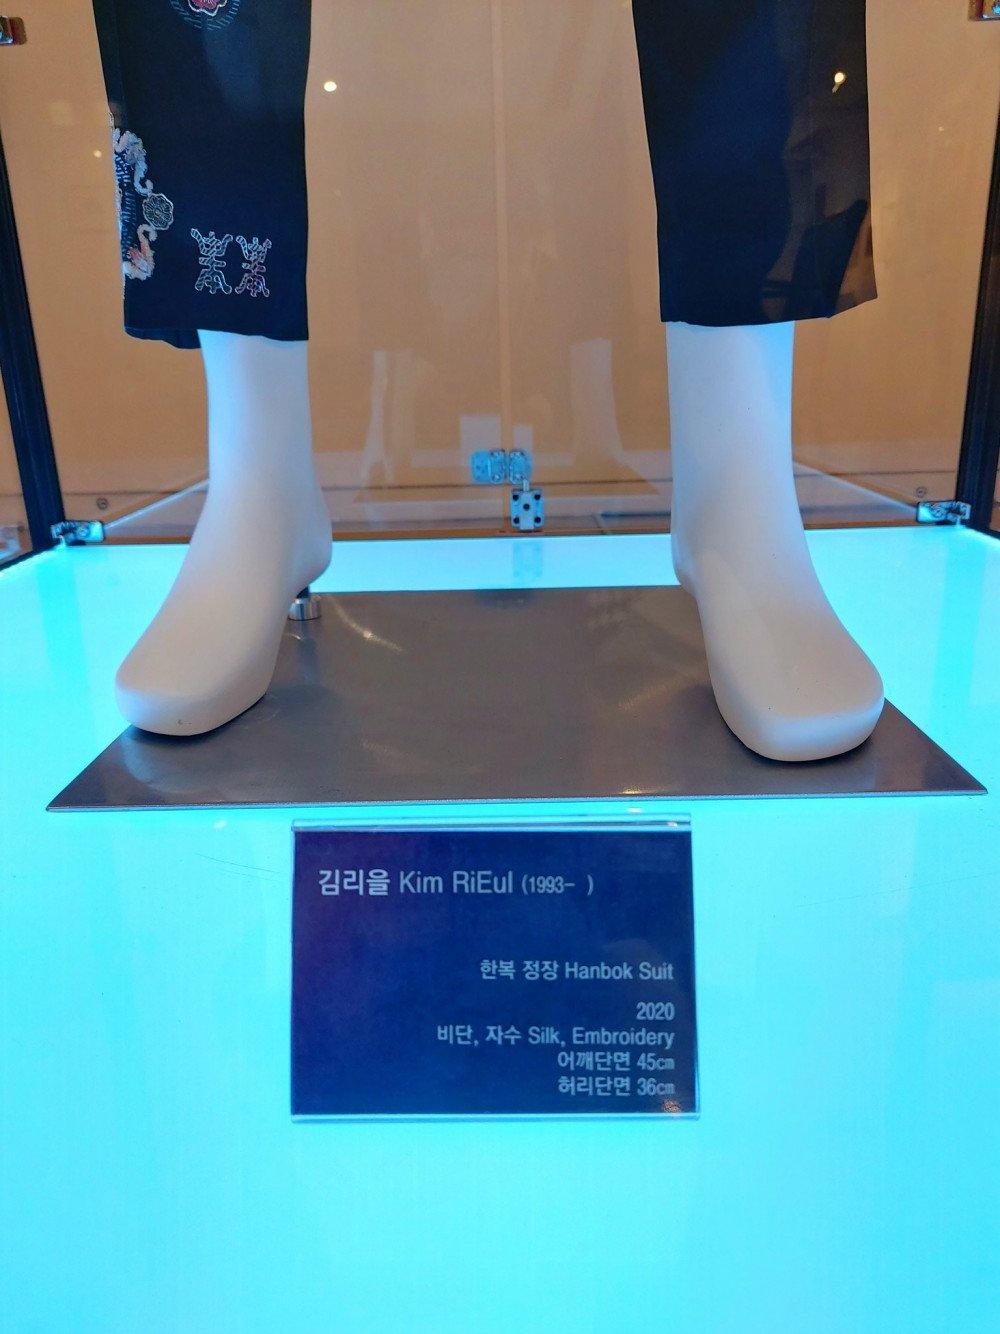 Jimin de BTS se hizo tendencia por su envidiable cintura